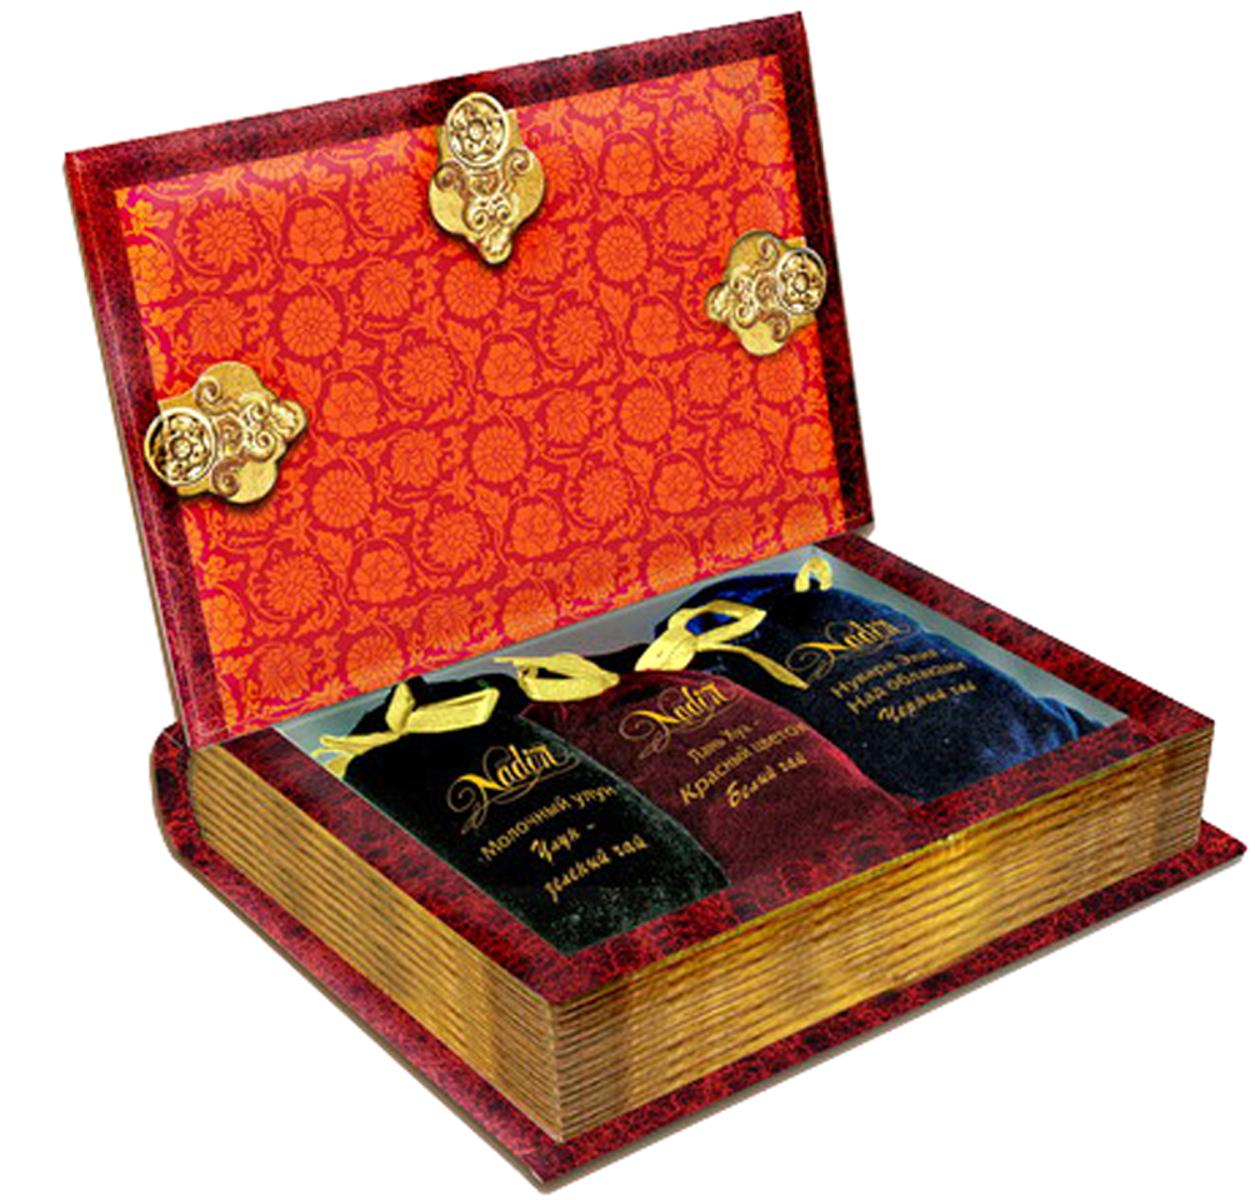 Nadin Книга чайное ассорти, 225 г beta tea де люкс крупнолистовой чай 225 г подарочная упаковка